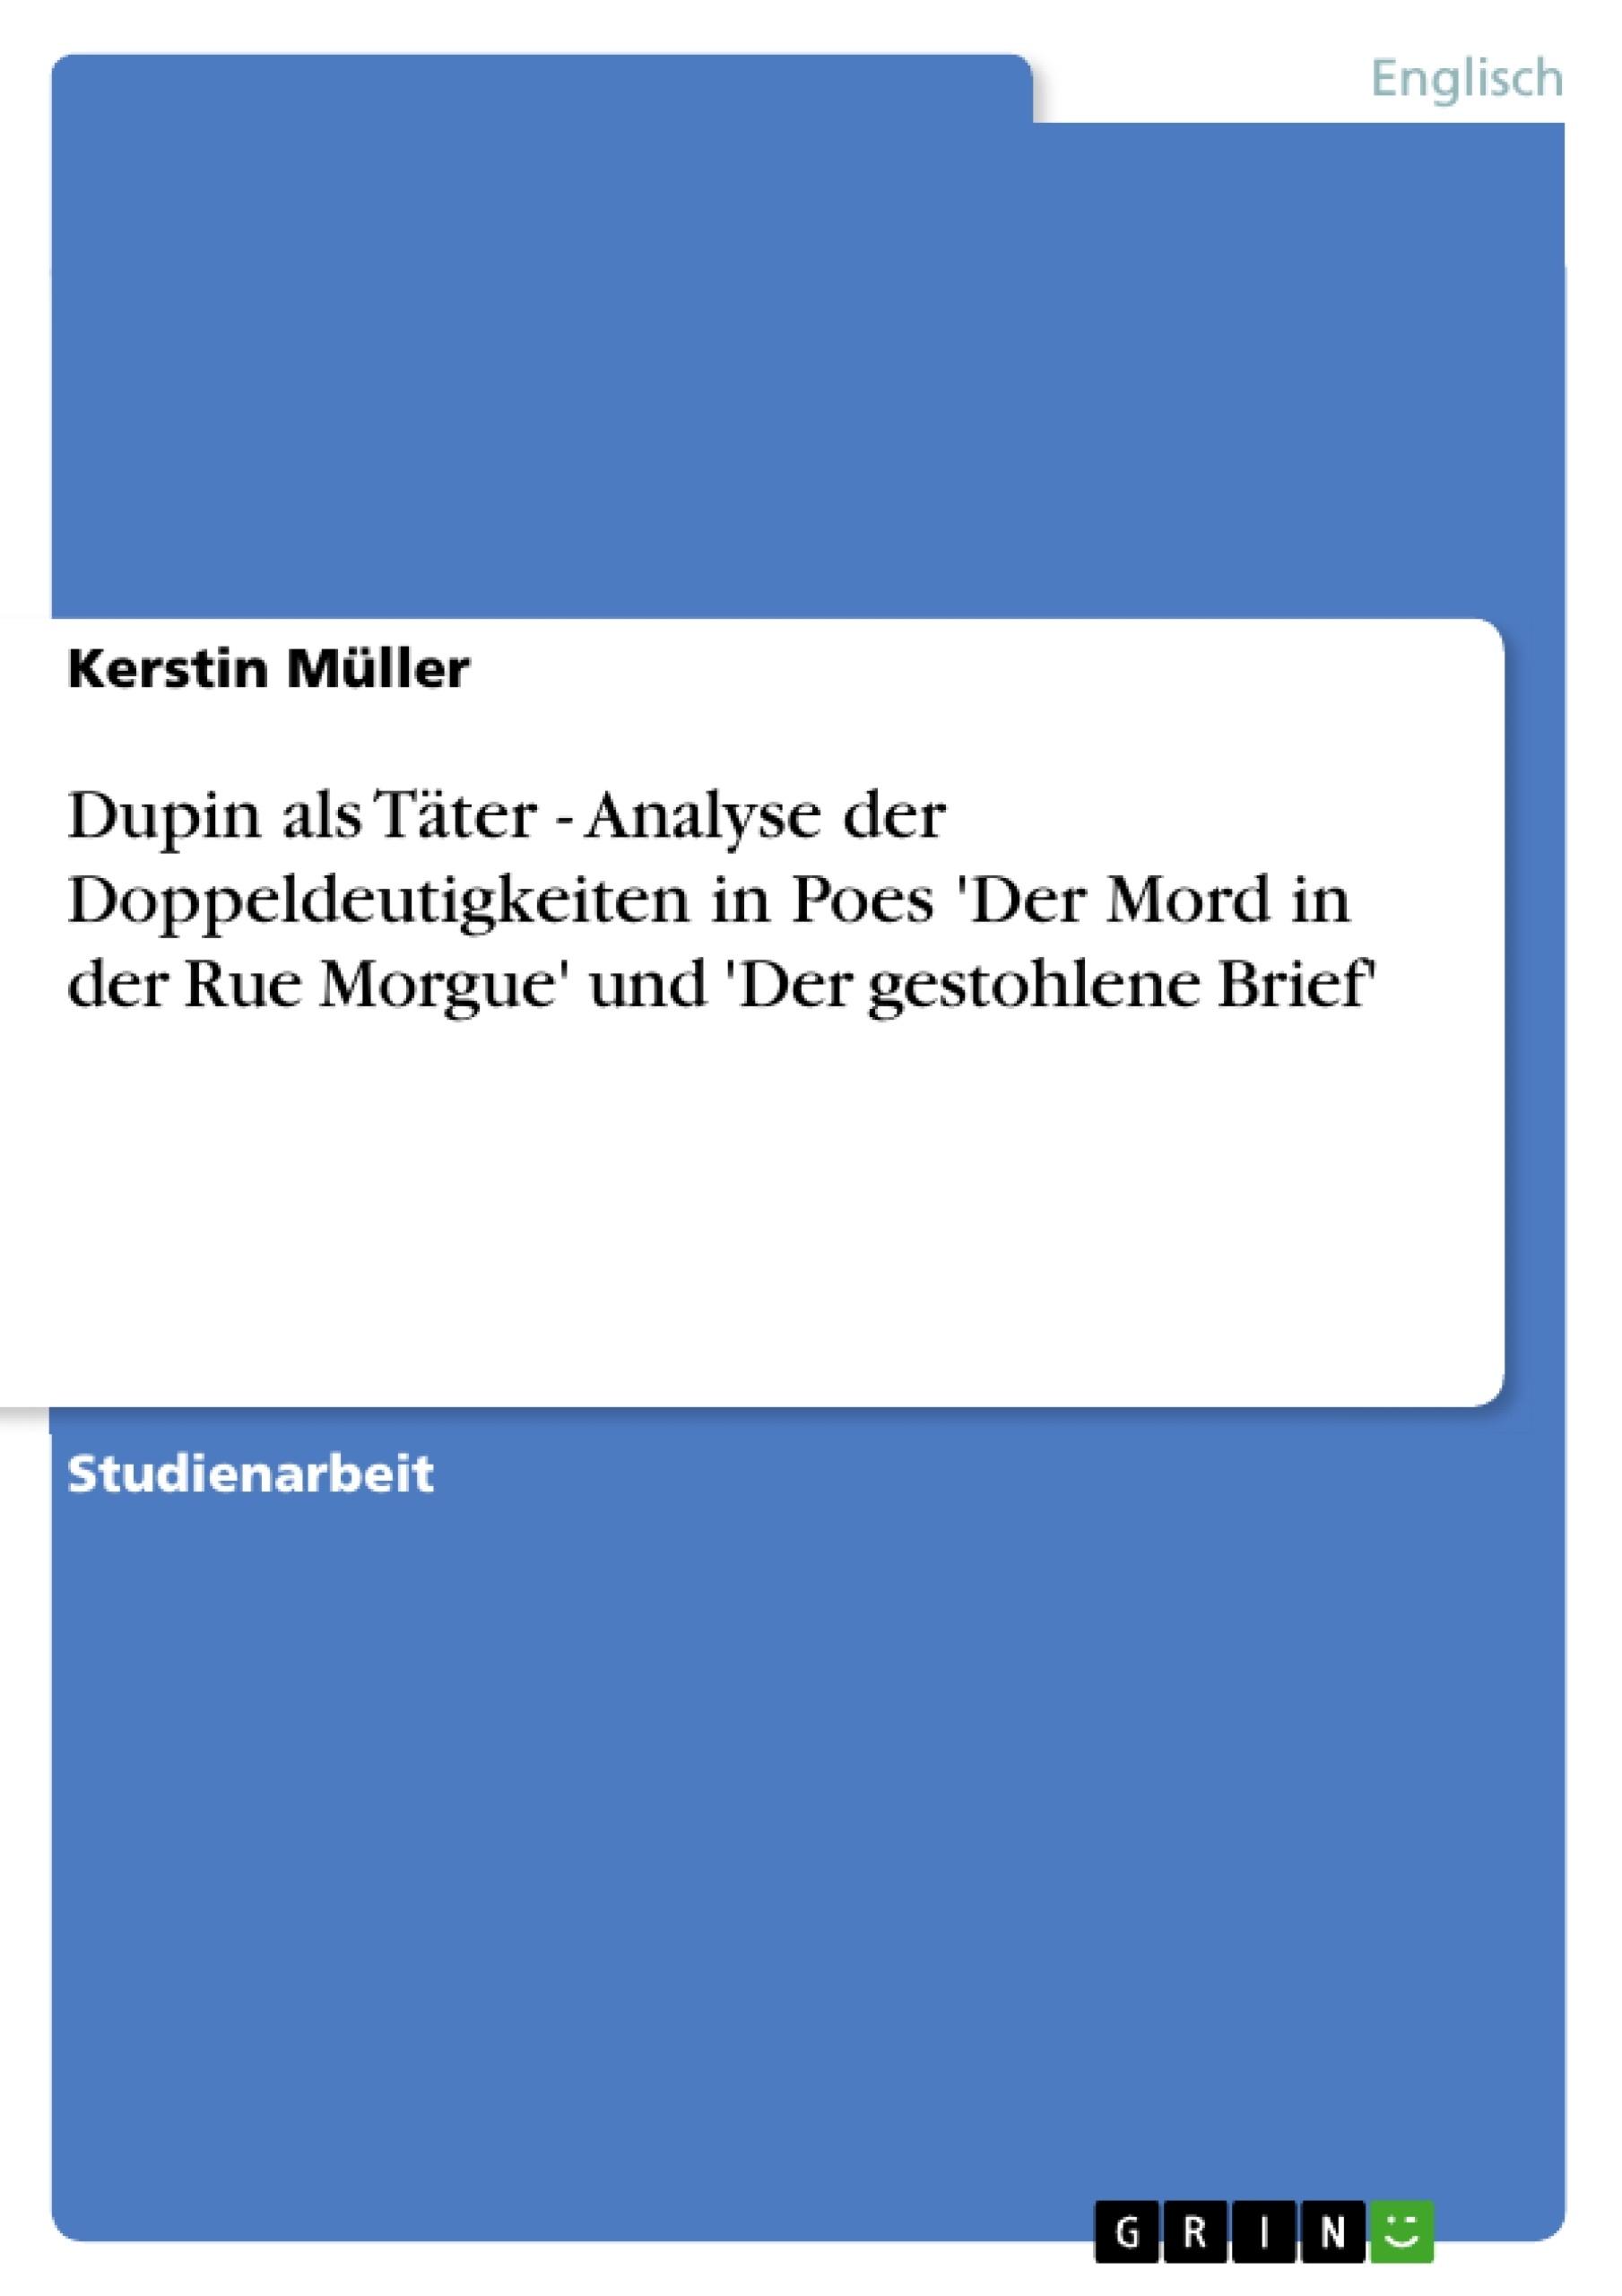 Titel: Dupin als Täter - Analyse der Doppeldeutigkeiten in Poes 'Der Mord in der Rue Morgue' und 'Der gestohlene Brief'